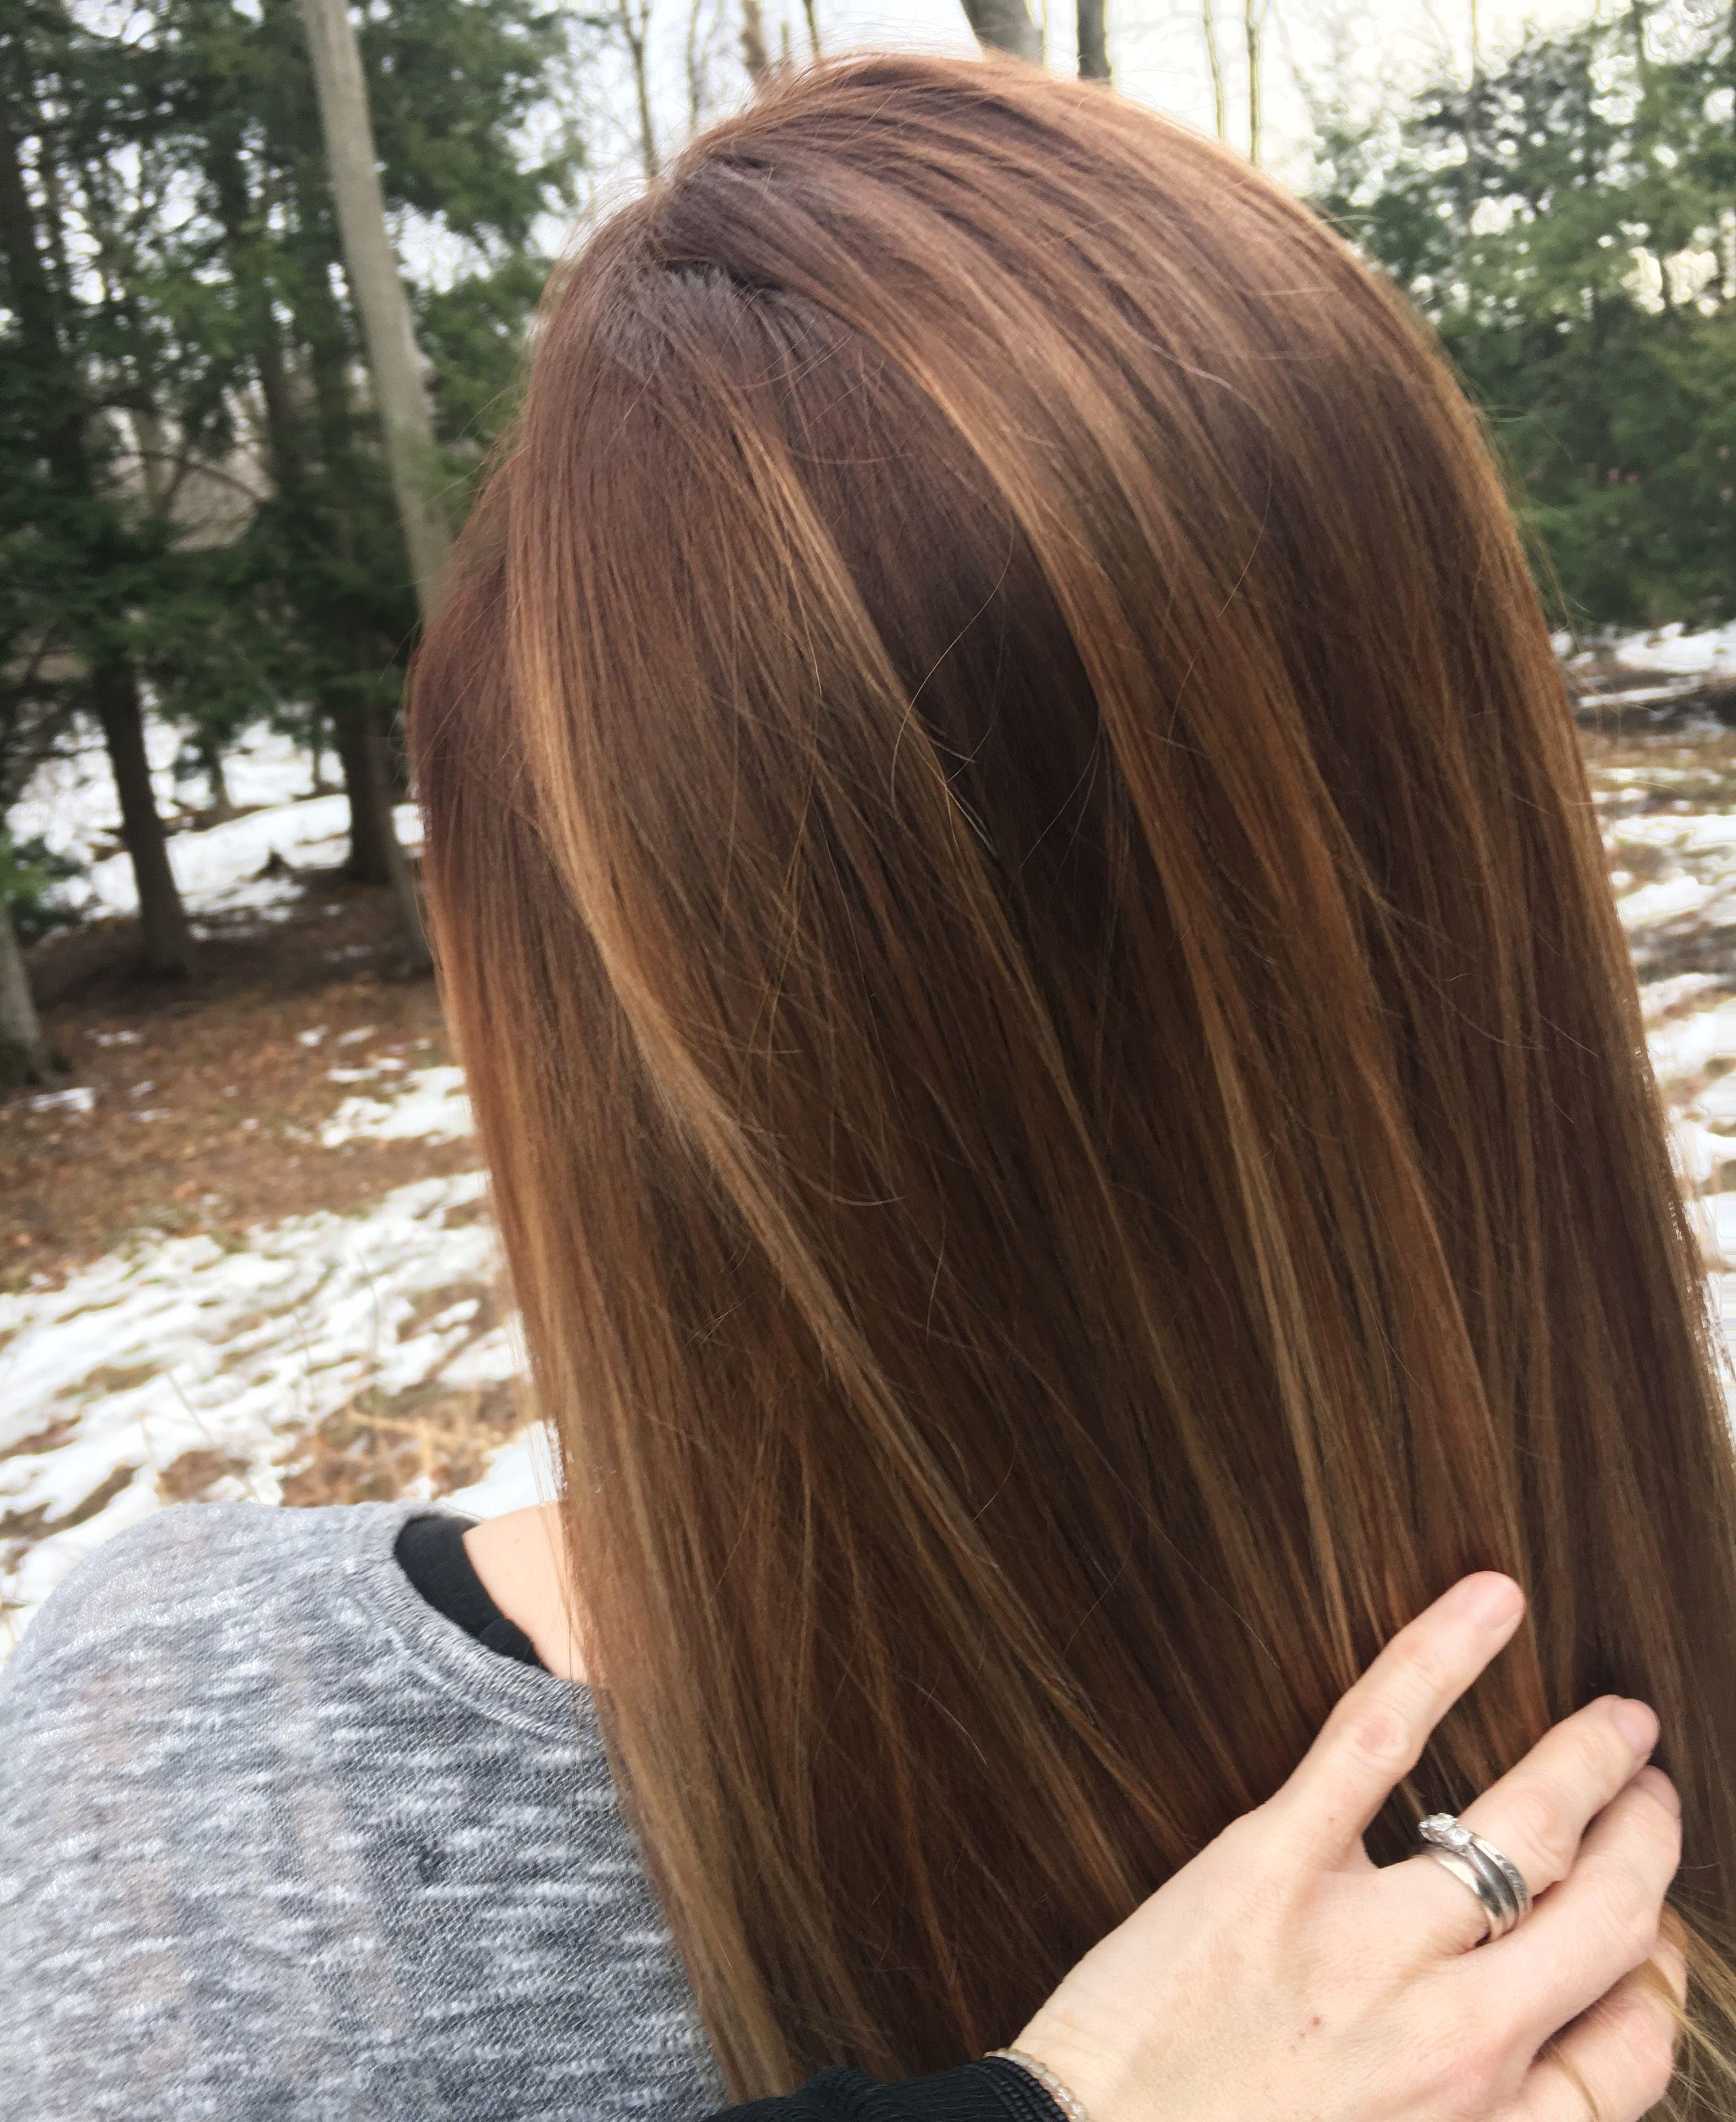 Pin By Sami Kang On Hair Ideas Pinterest Hair Coloring Hair